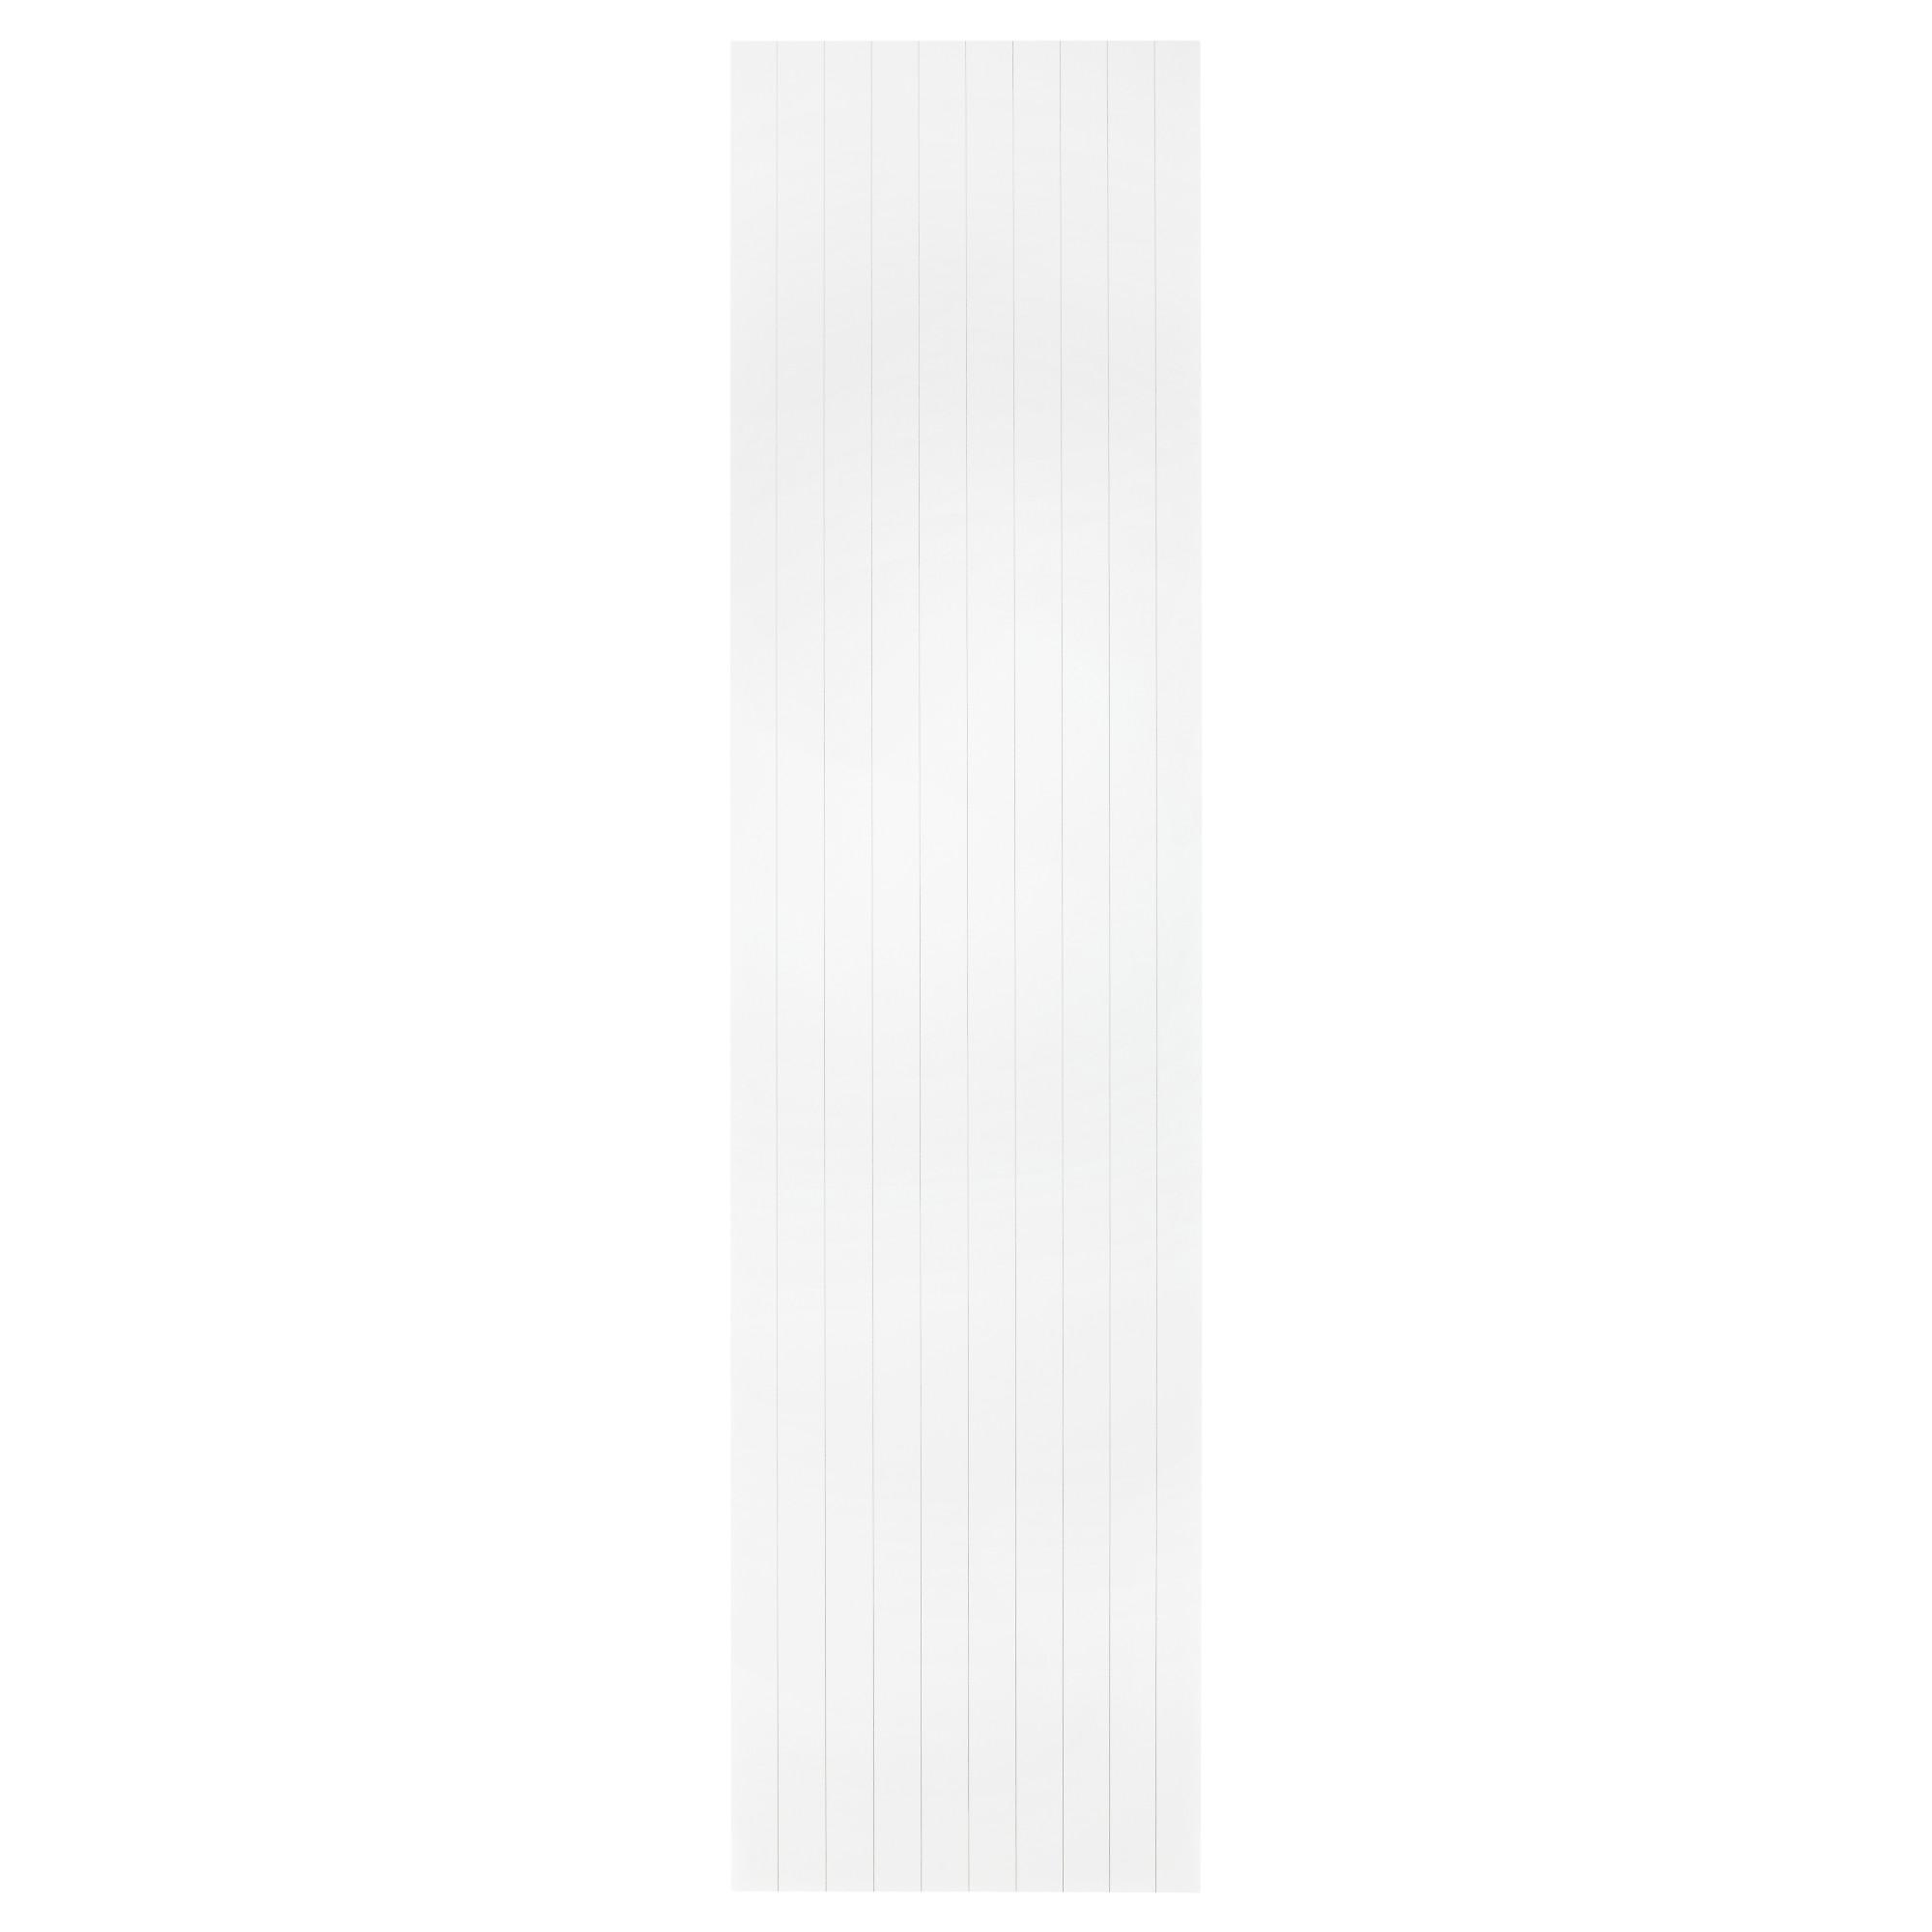 Дверца с петлями МАРНАРДАЛЬ артикуль № 292.878.84 в наличии. Онлайн сайт ИКЕА Республика Беларусь. Недорогая доставка и установка.